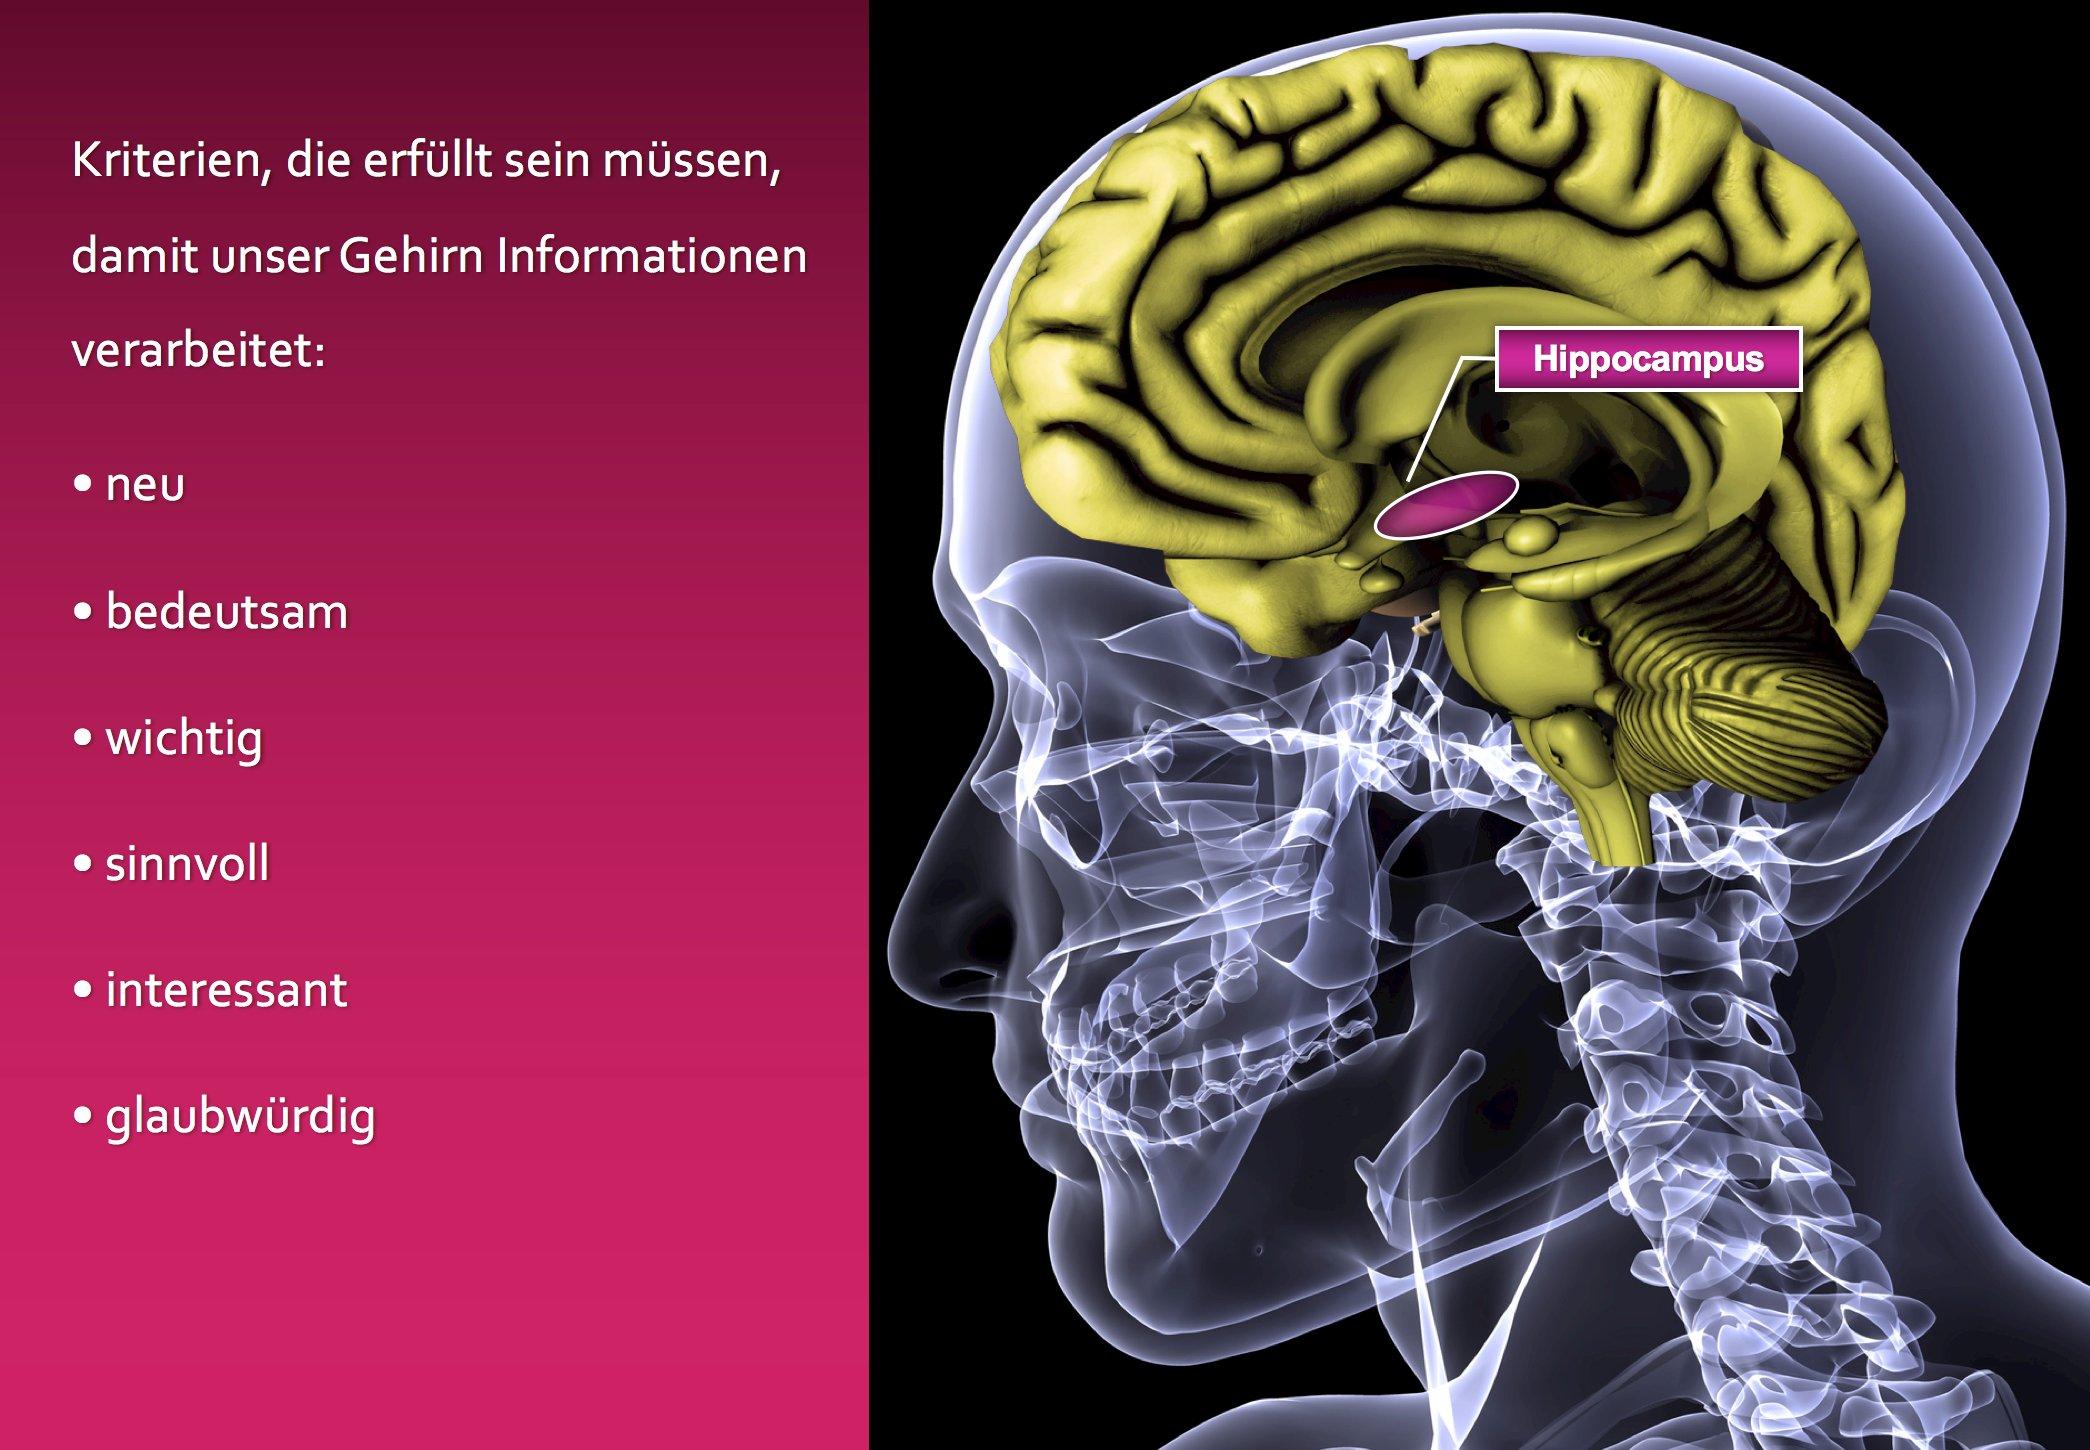 Hippocmapus - so verarbeitet unser Gehirn Informationen